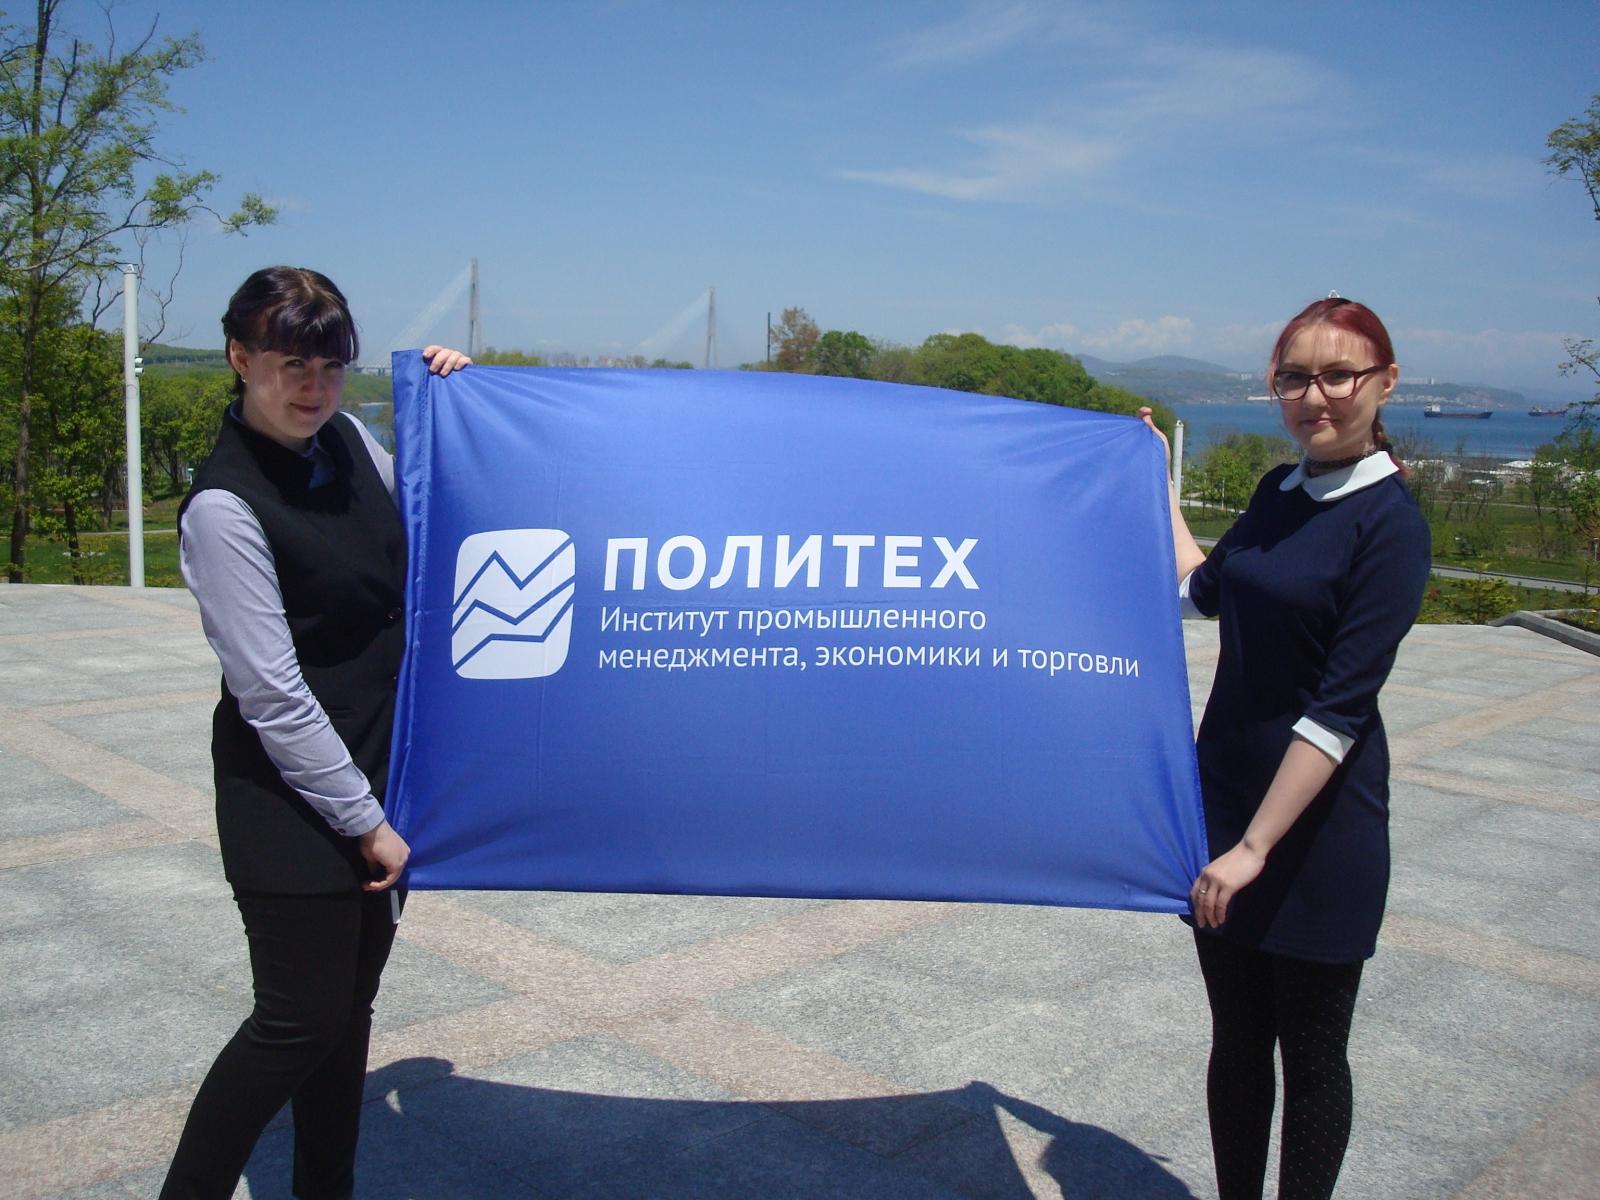 Команда ИПМЭиТ- призер конкурса проектов Всероссийской студенческой олимпиады по управлению качеством